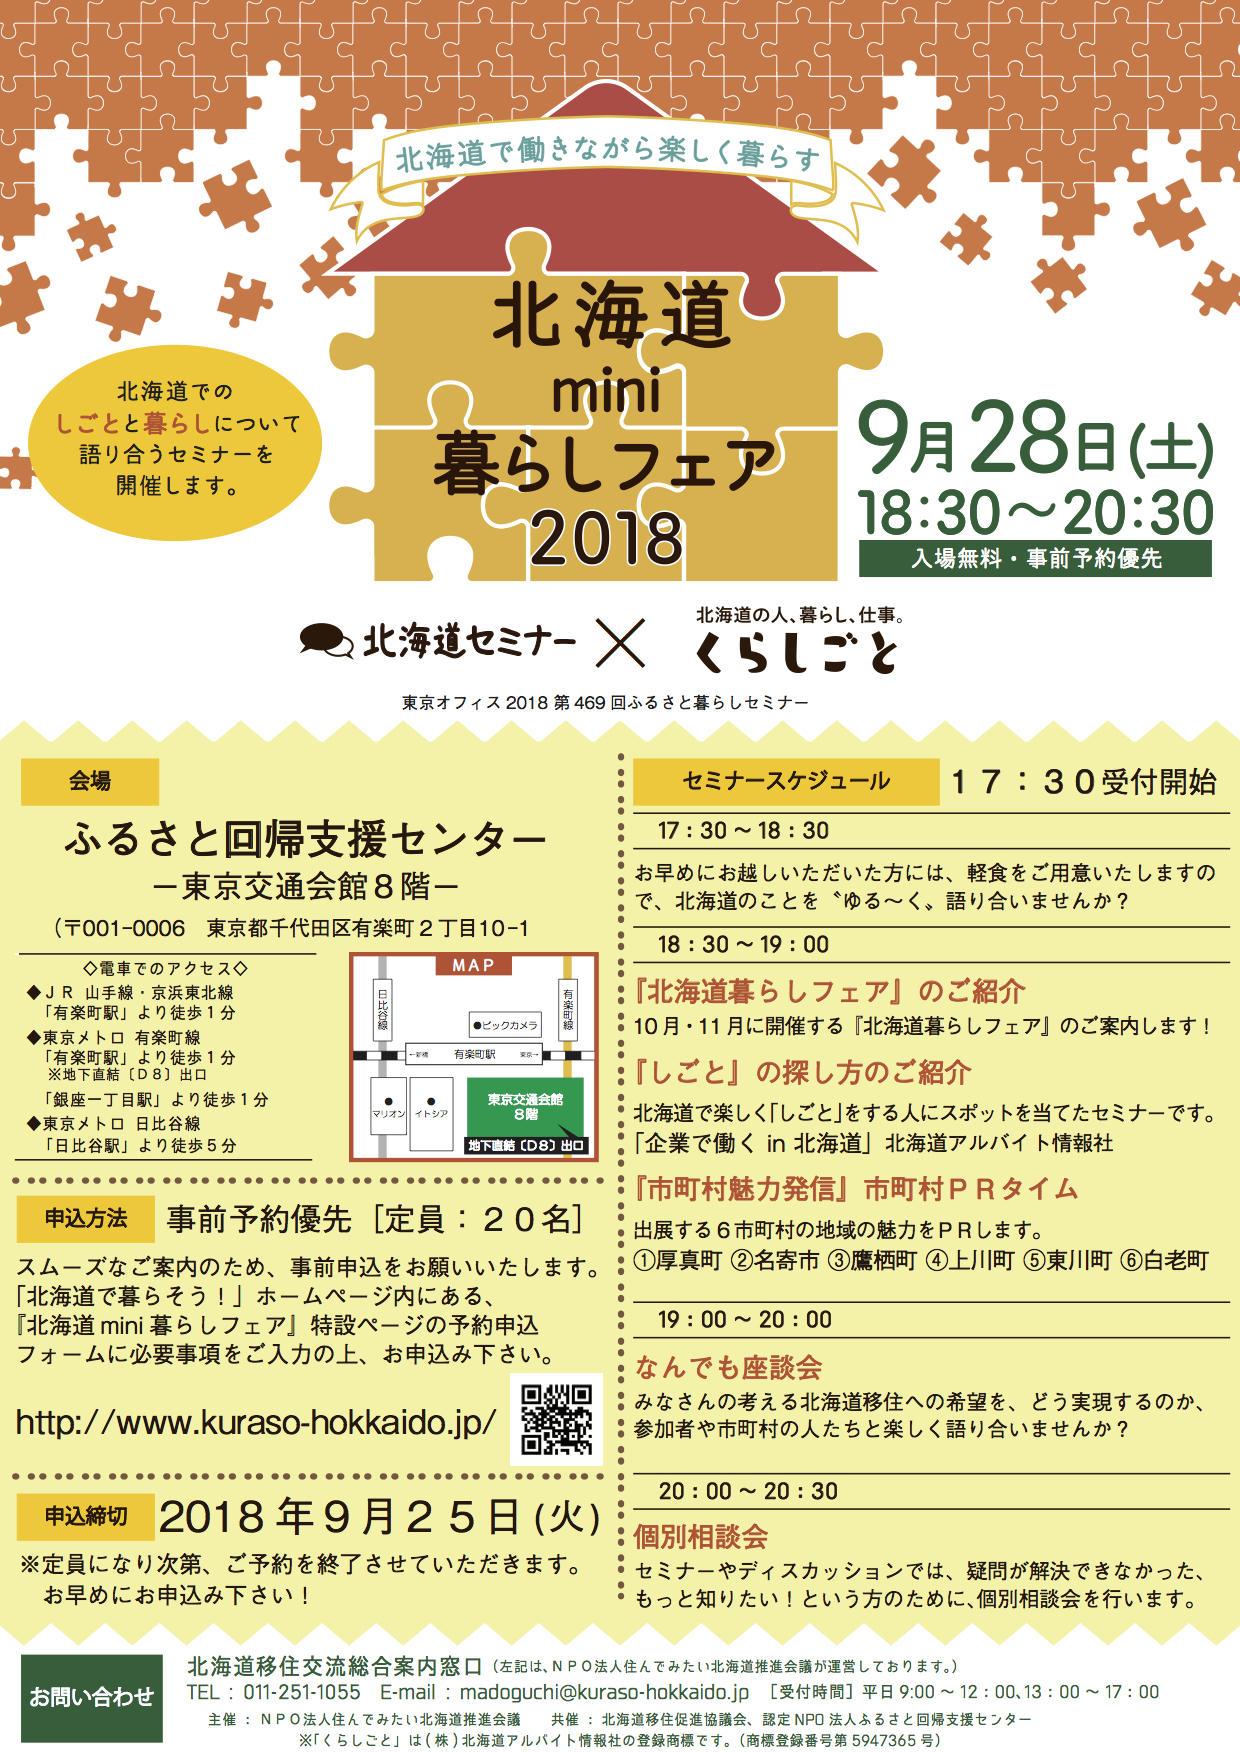 https://kurashigoto.hokkaido.jp/image/minikurashi01.jpg